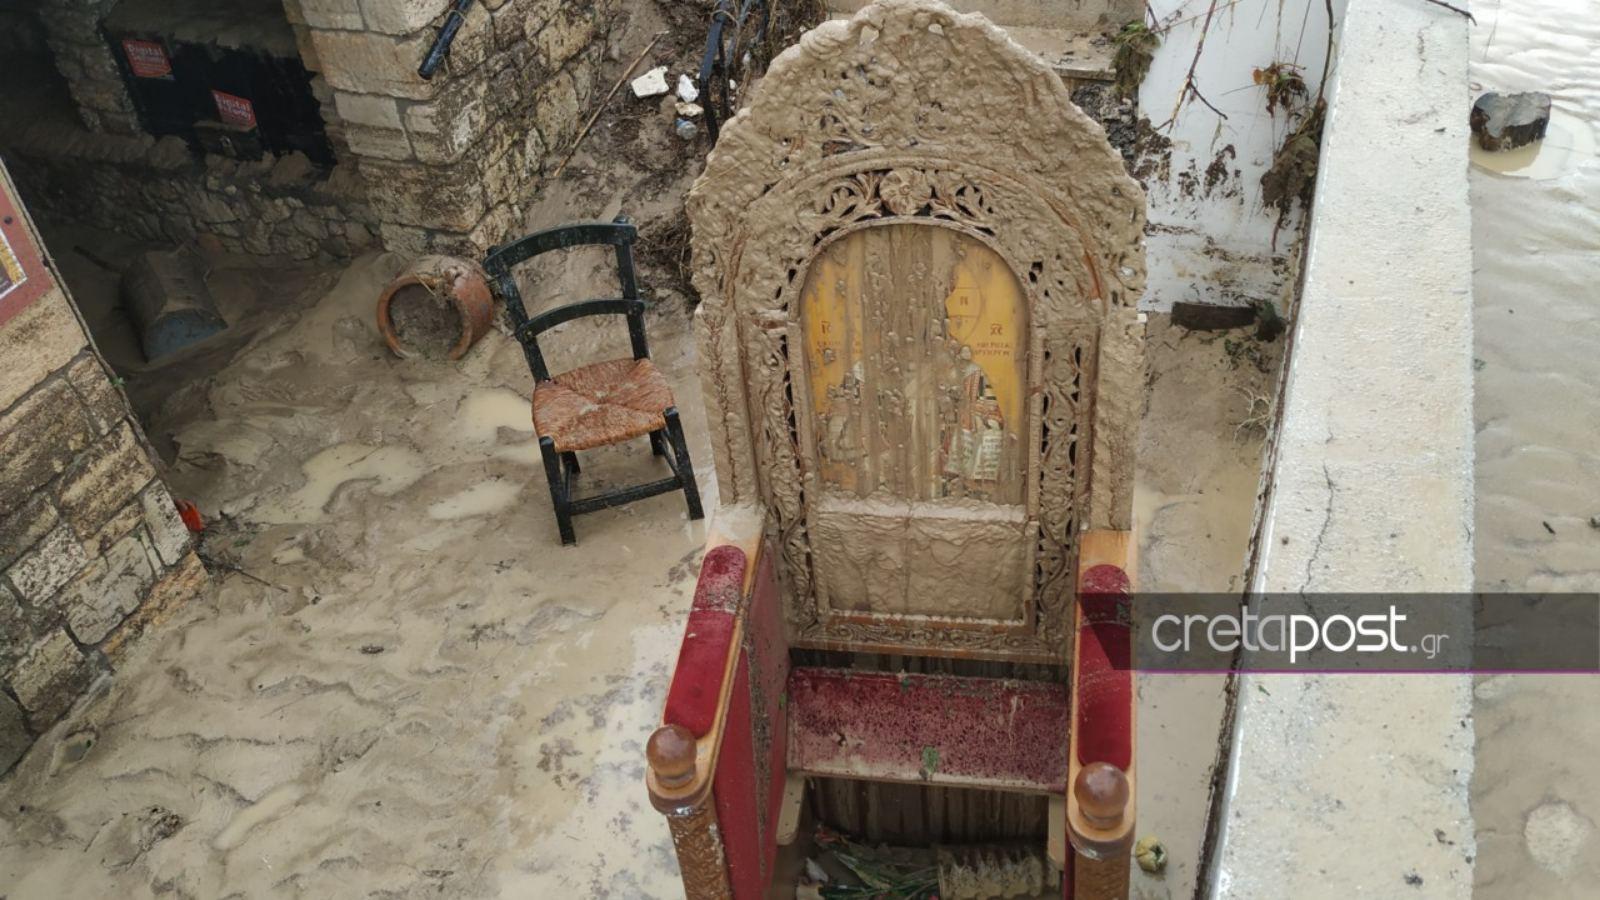 """Ηράκλειο: """"Βυθίστηκε"""" στη λάσπη το ξωκλήσι του Αγίου Ιωάννη στον Καρτερό – Εικόνες βιβλικής καταστροφής"""